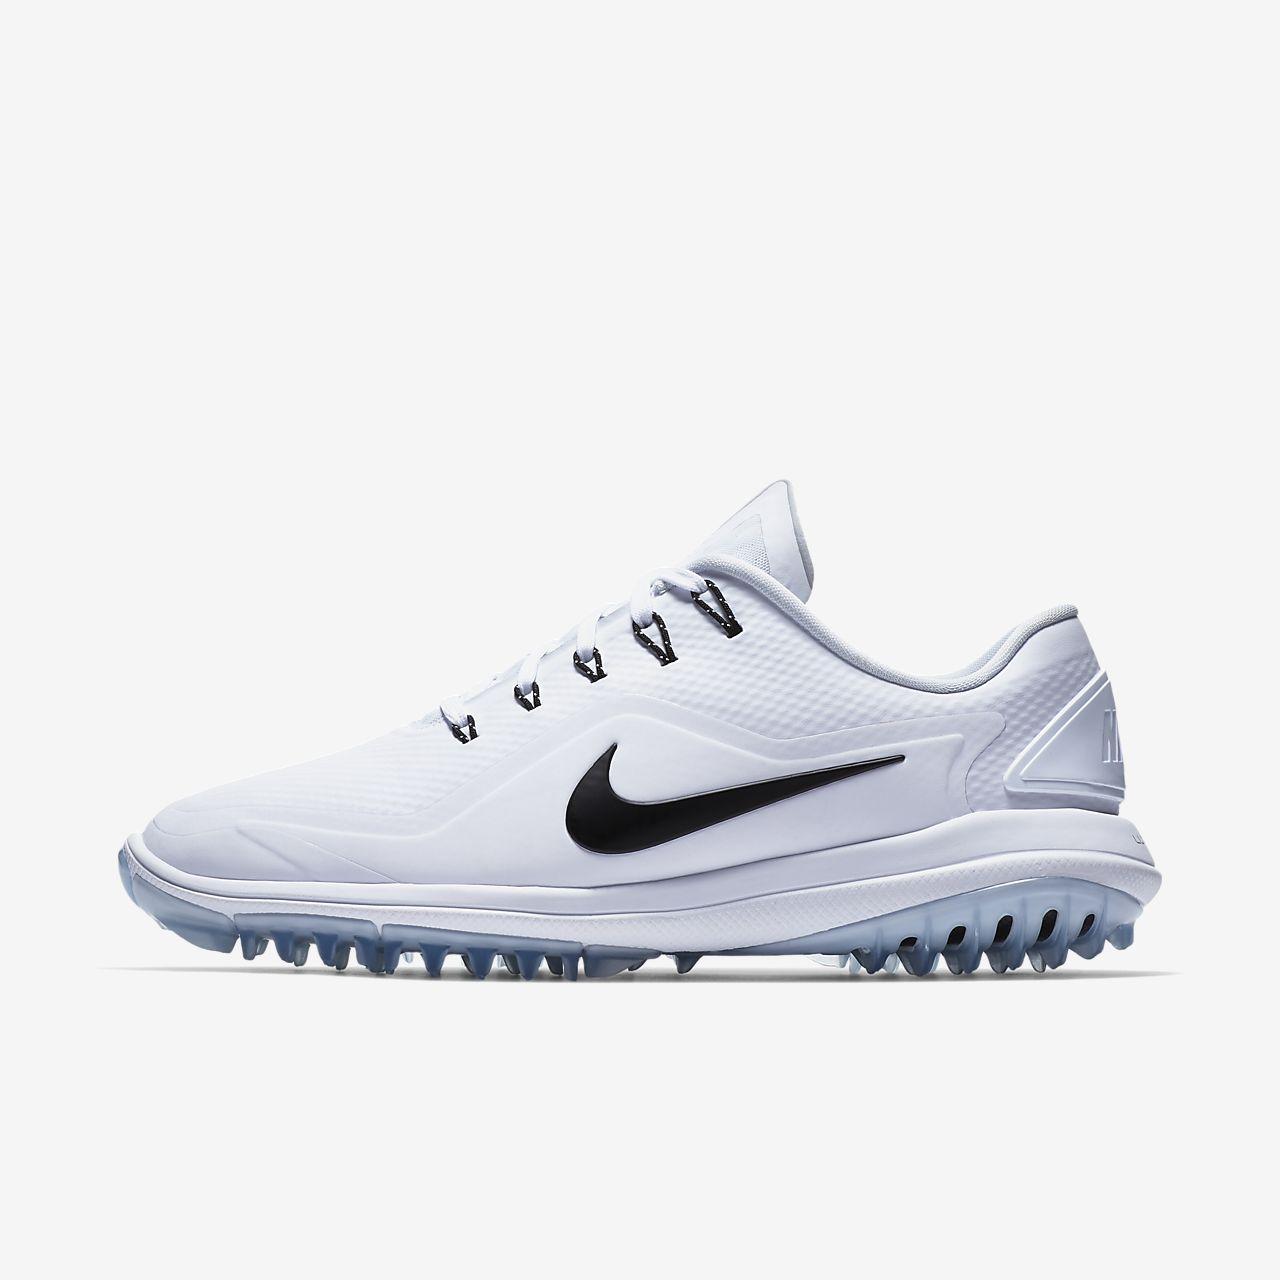 Nike Lunar Control Vapor 2 Damen-Golfschuh